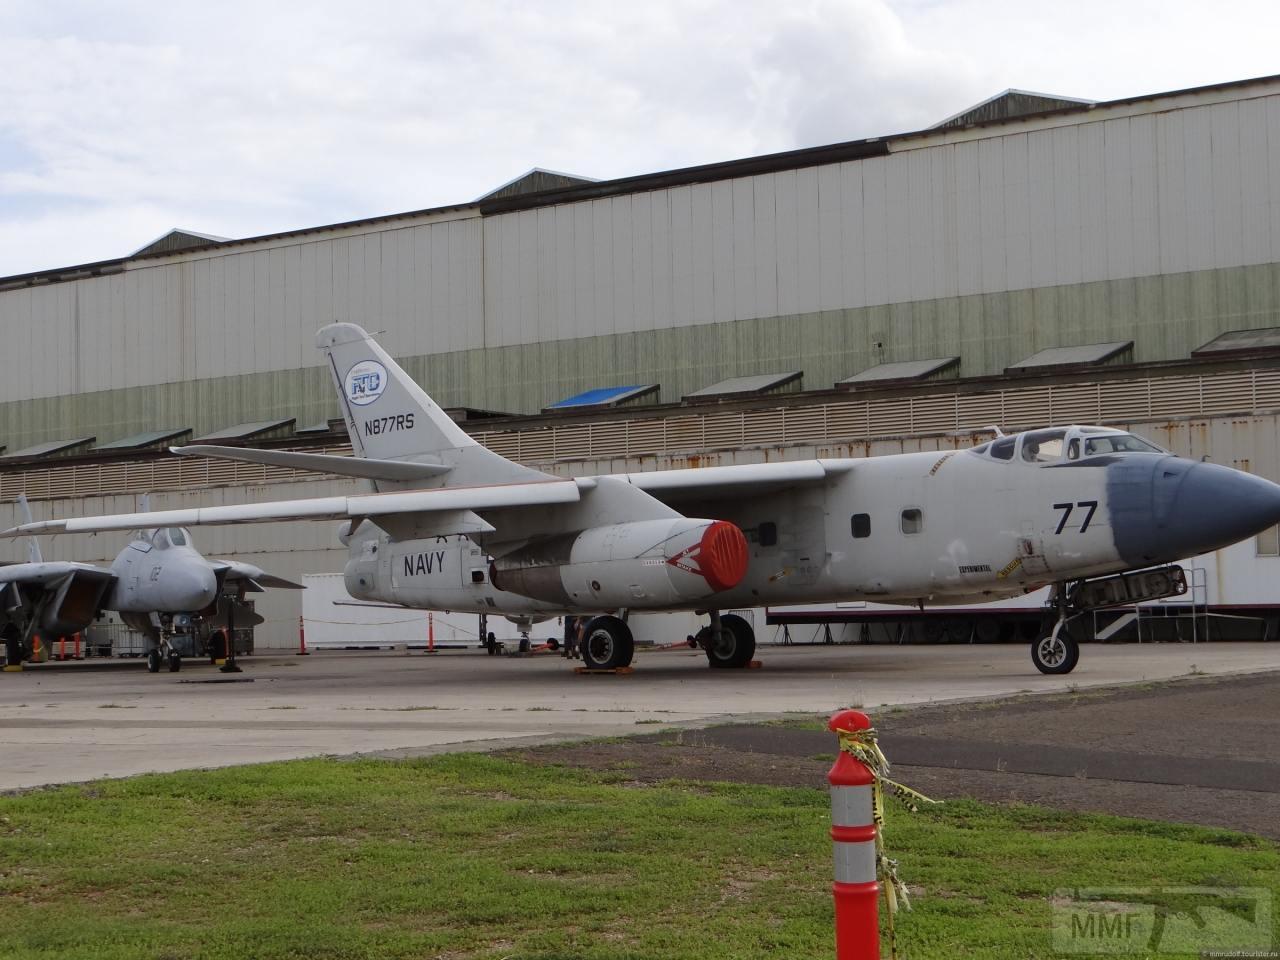 31991 - Тихоокеанский музей авиации «Пёрл-Харбор», Гонолулу